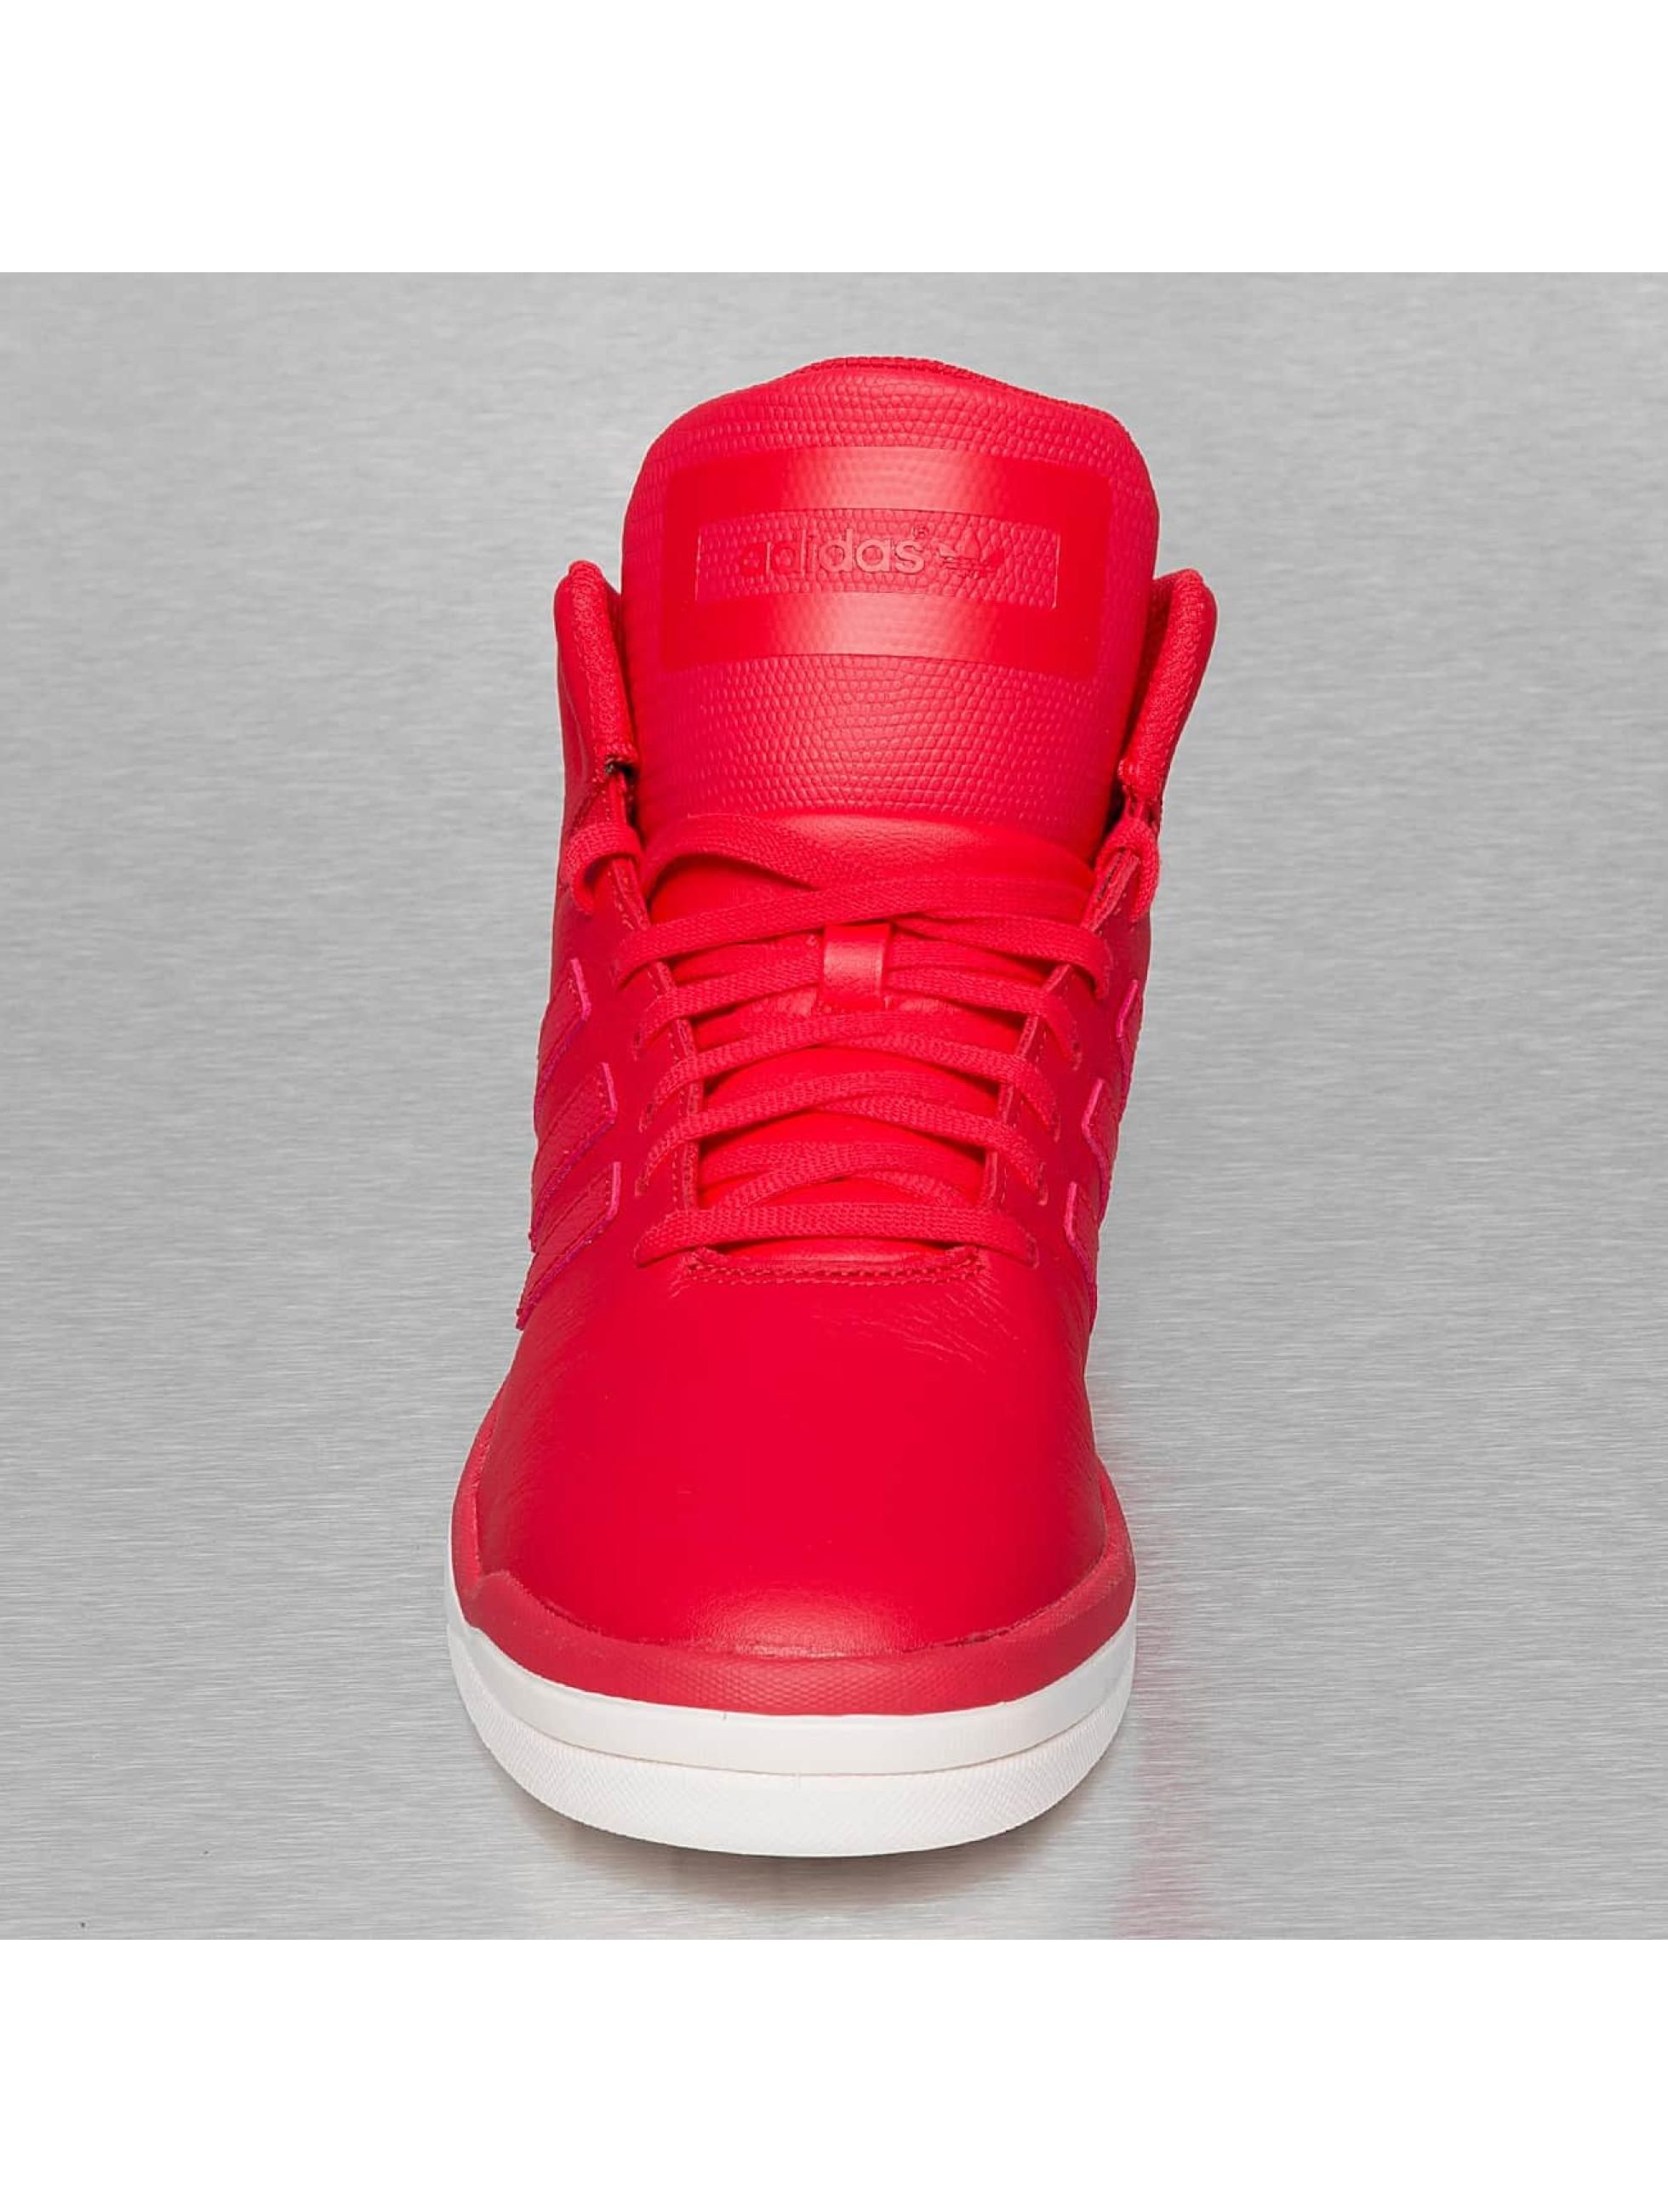 adidas neo 10k rouge